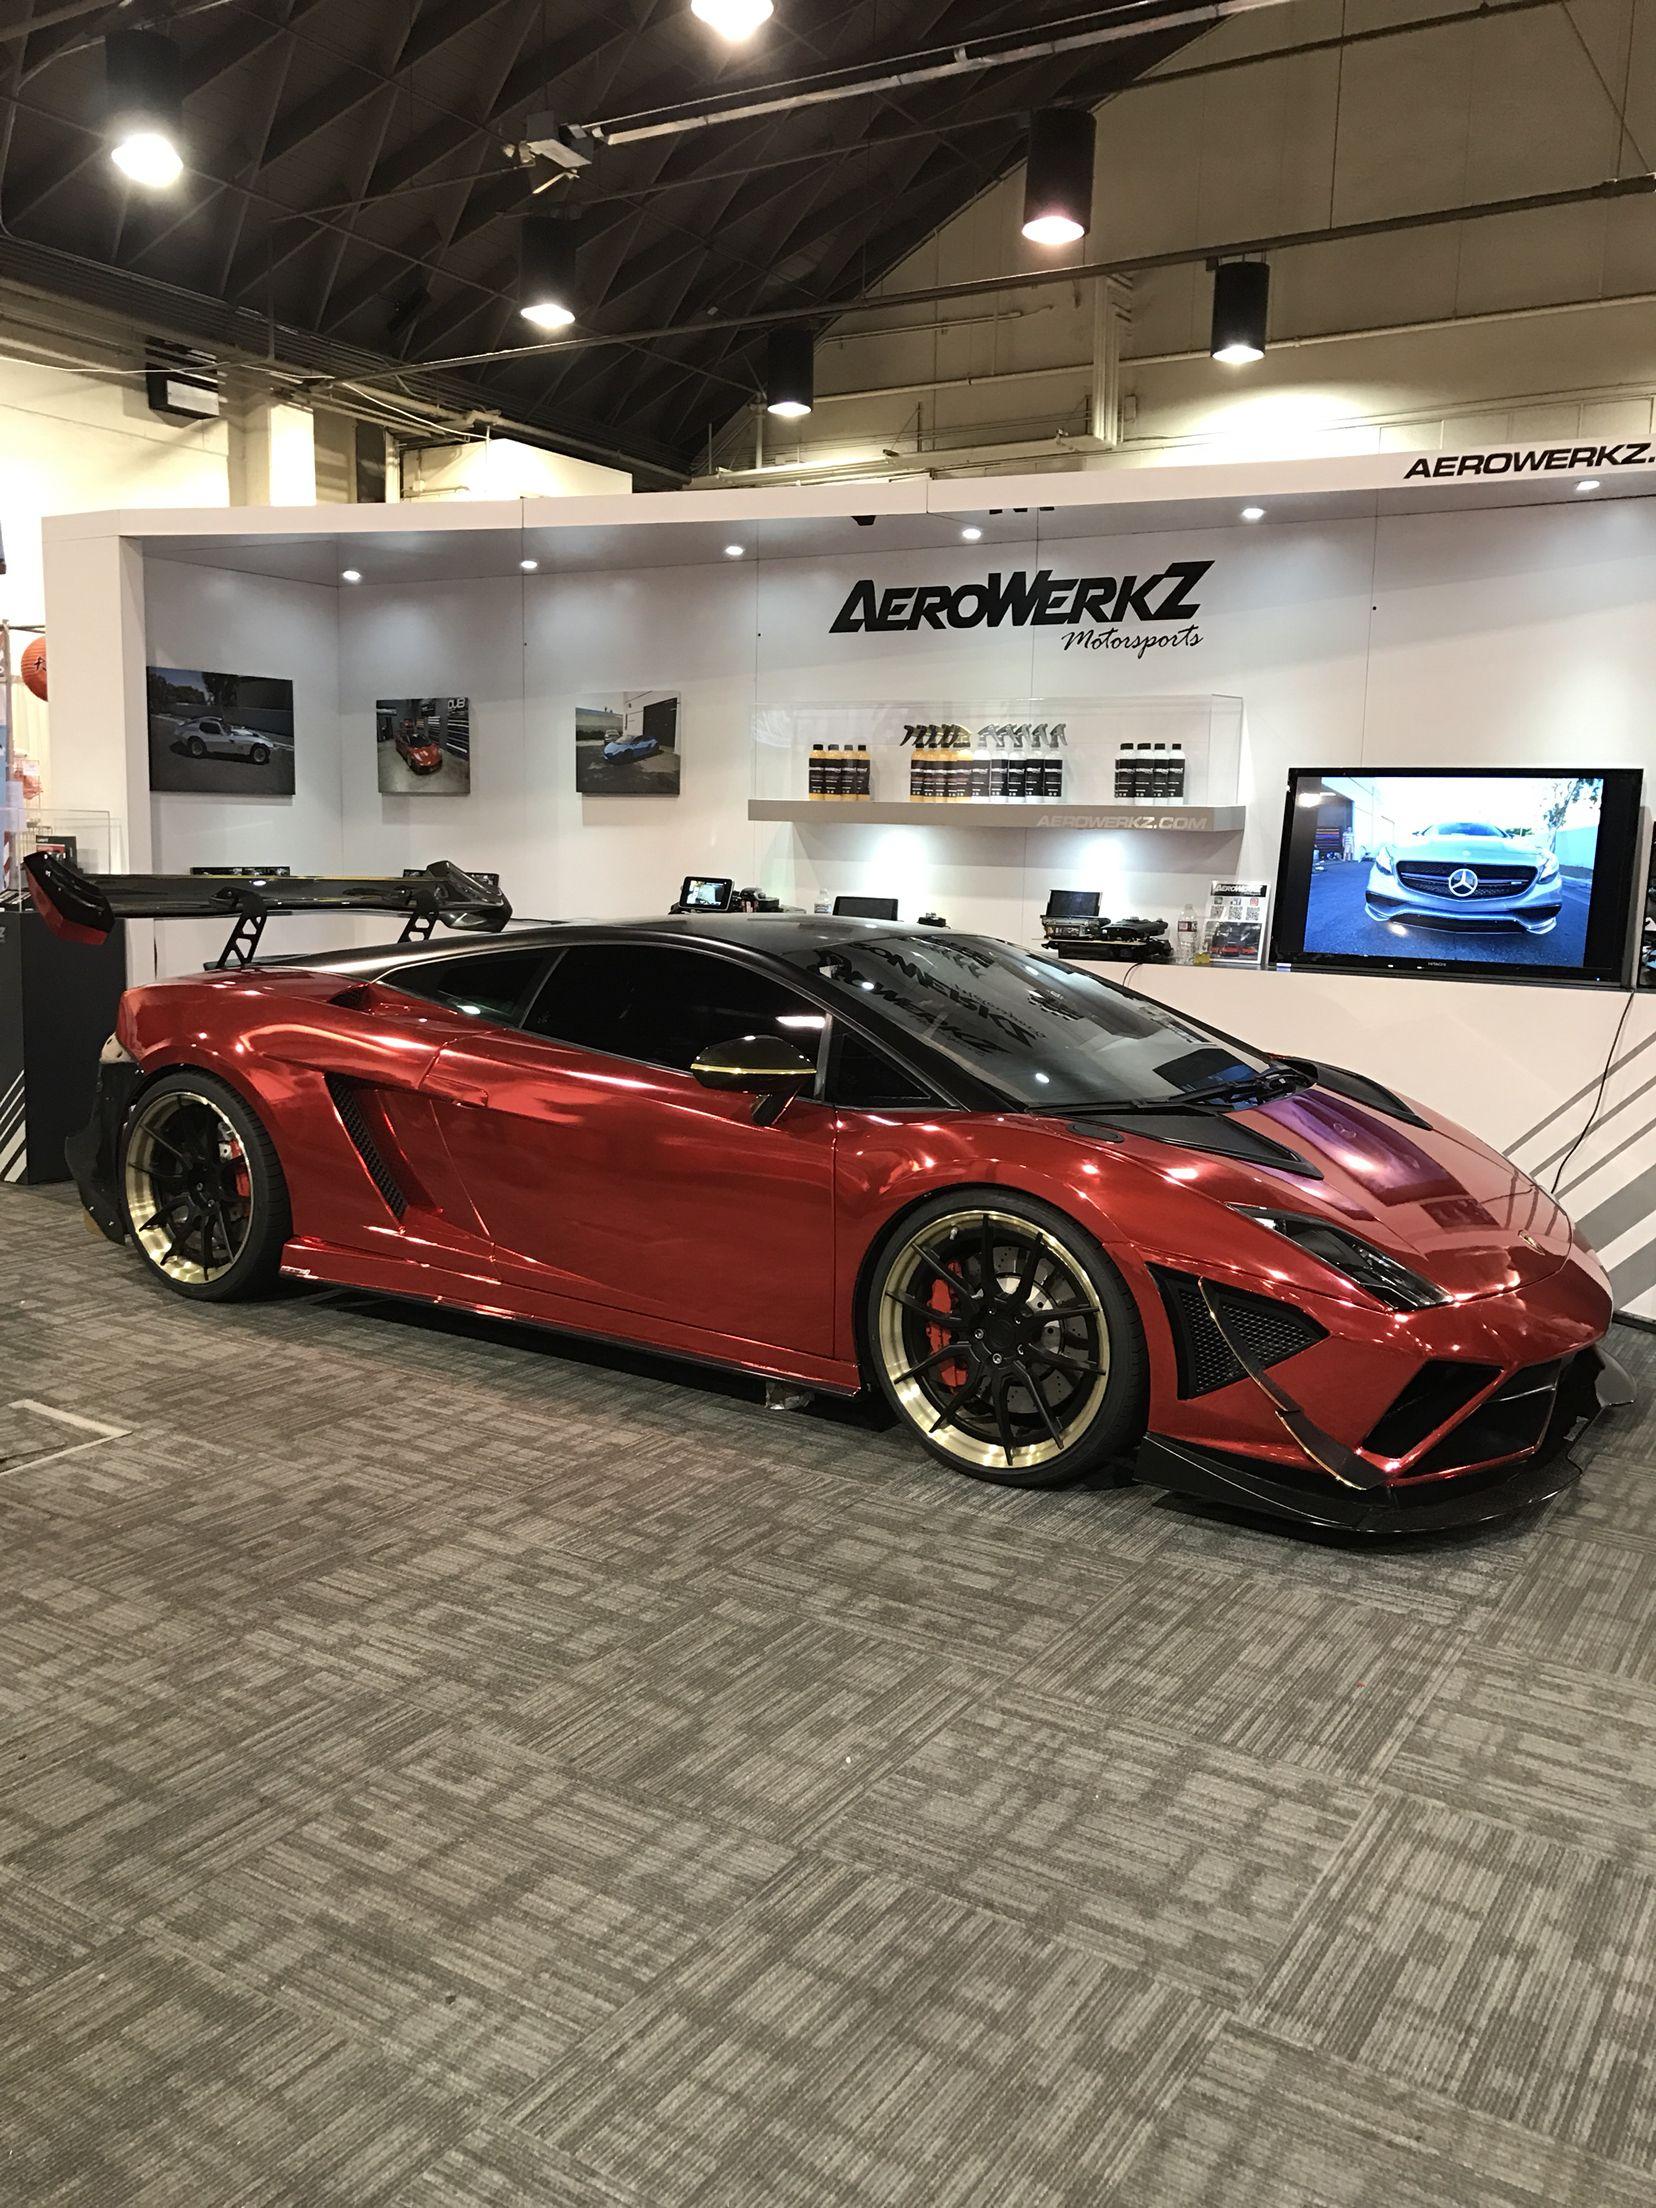 Isn T This Customized Lamborghini Gorgeous Lamborghini Super Luxury Cars Cars